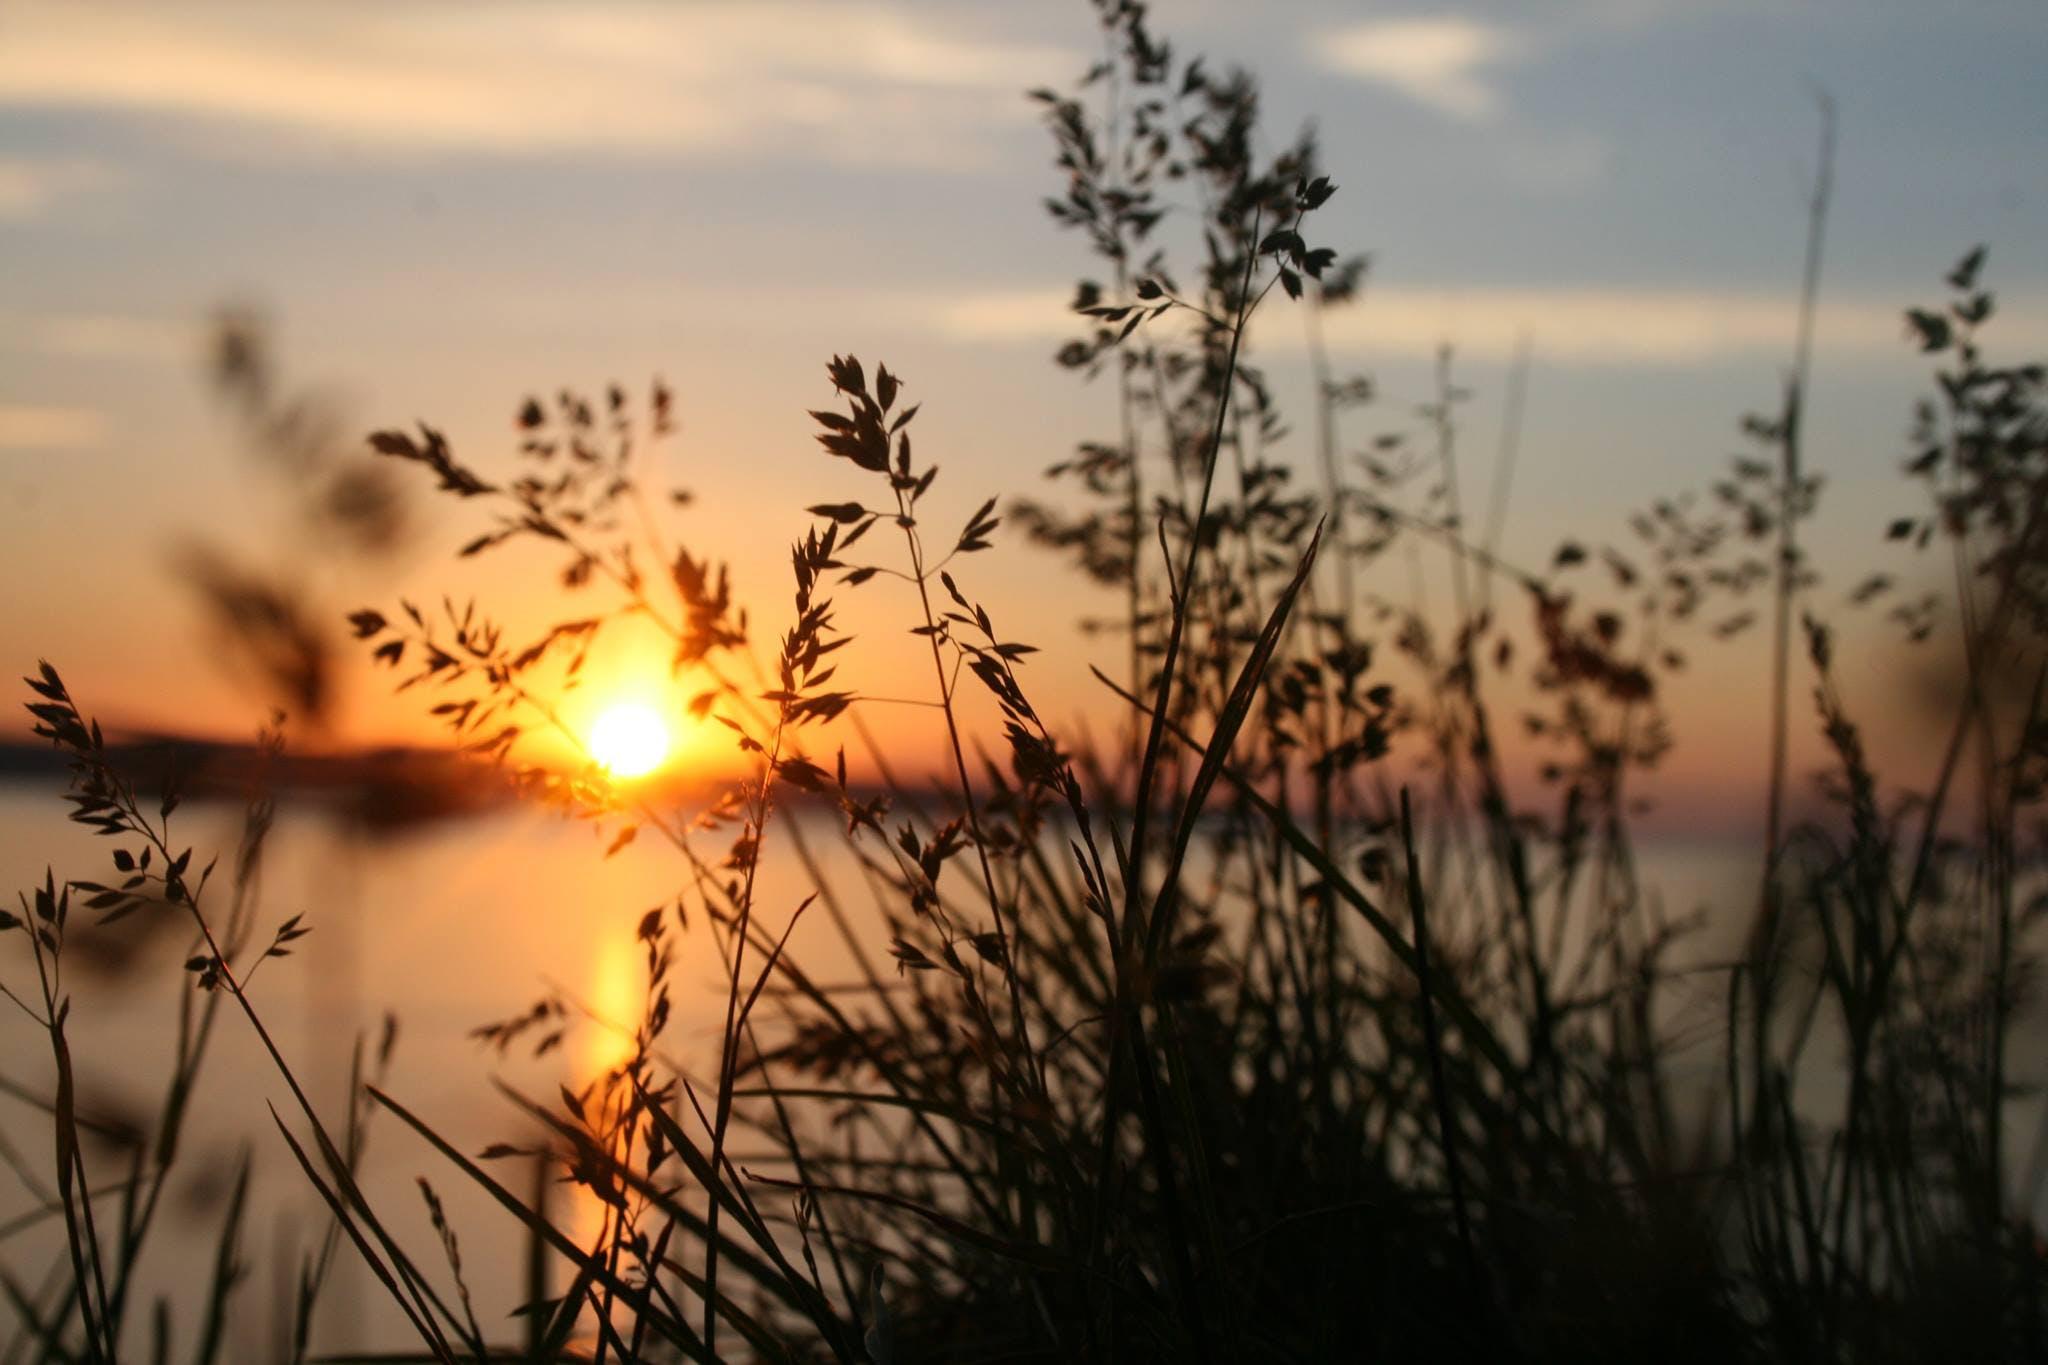 Gratis lagerfoto af kraftværker, solnedgang